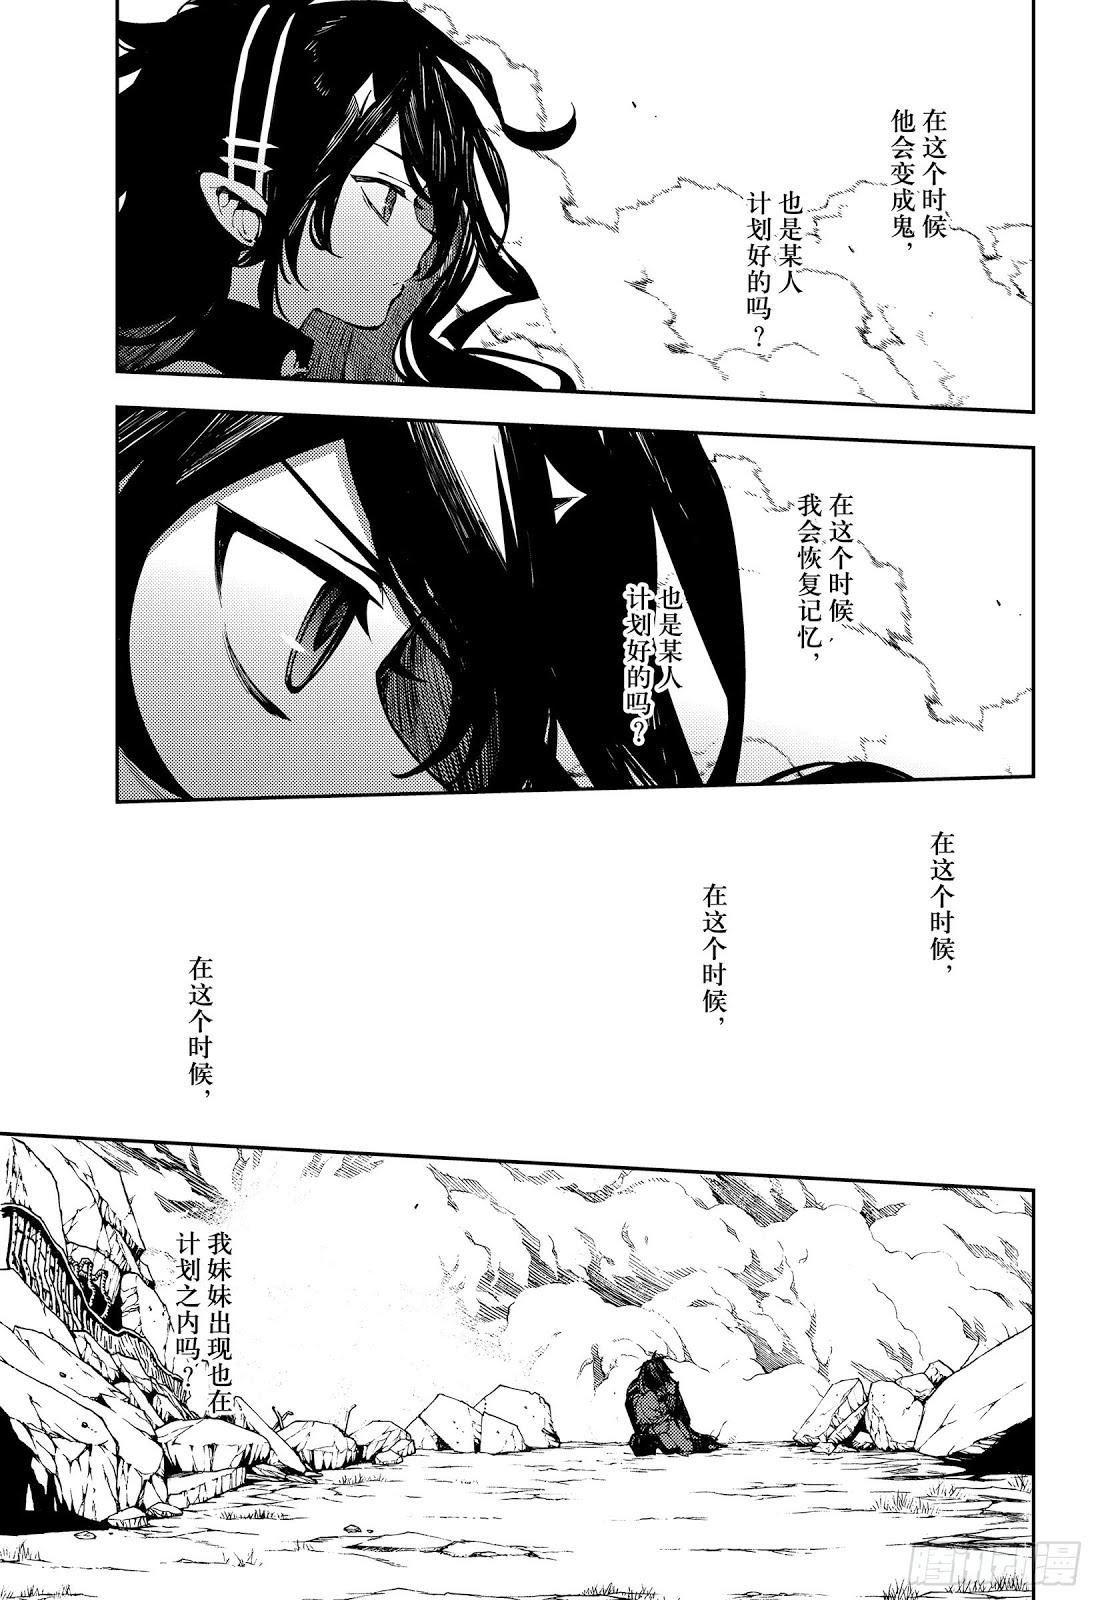 終結的熾天使: 89話 吸血鬼的終結 - 第33页